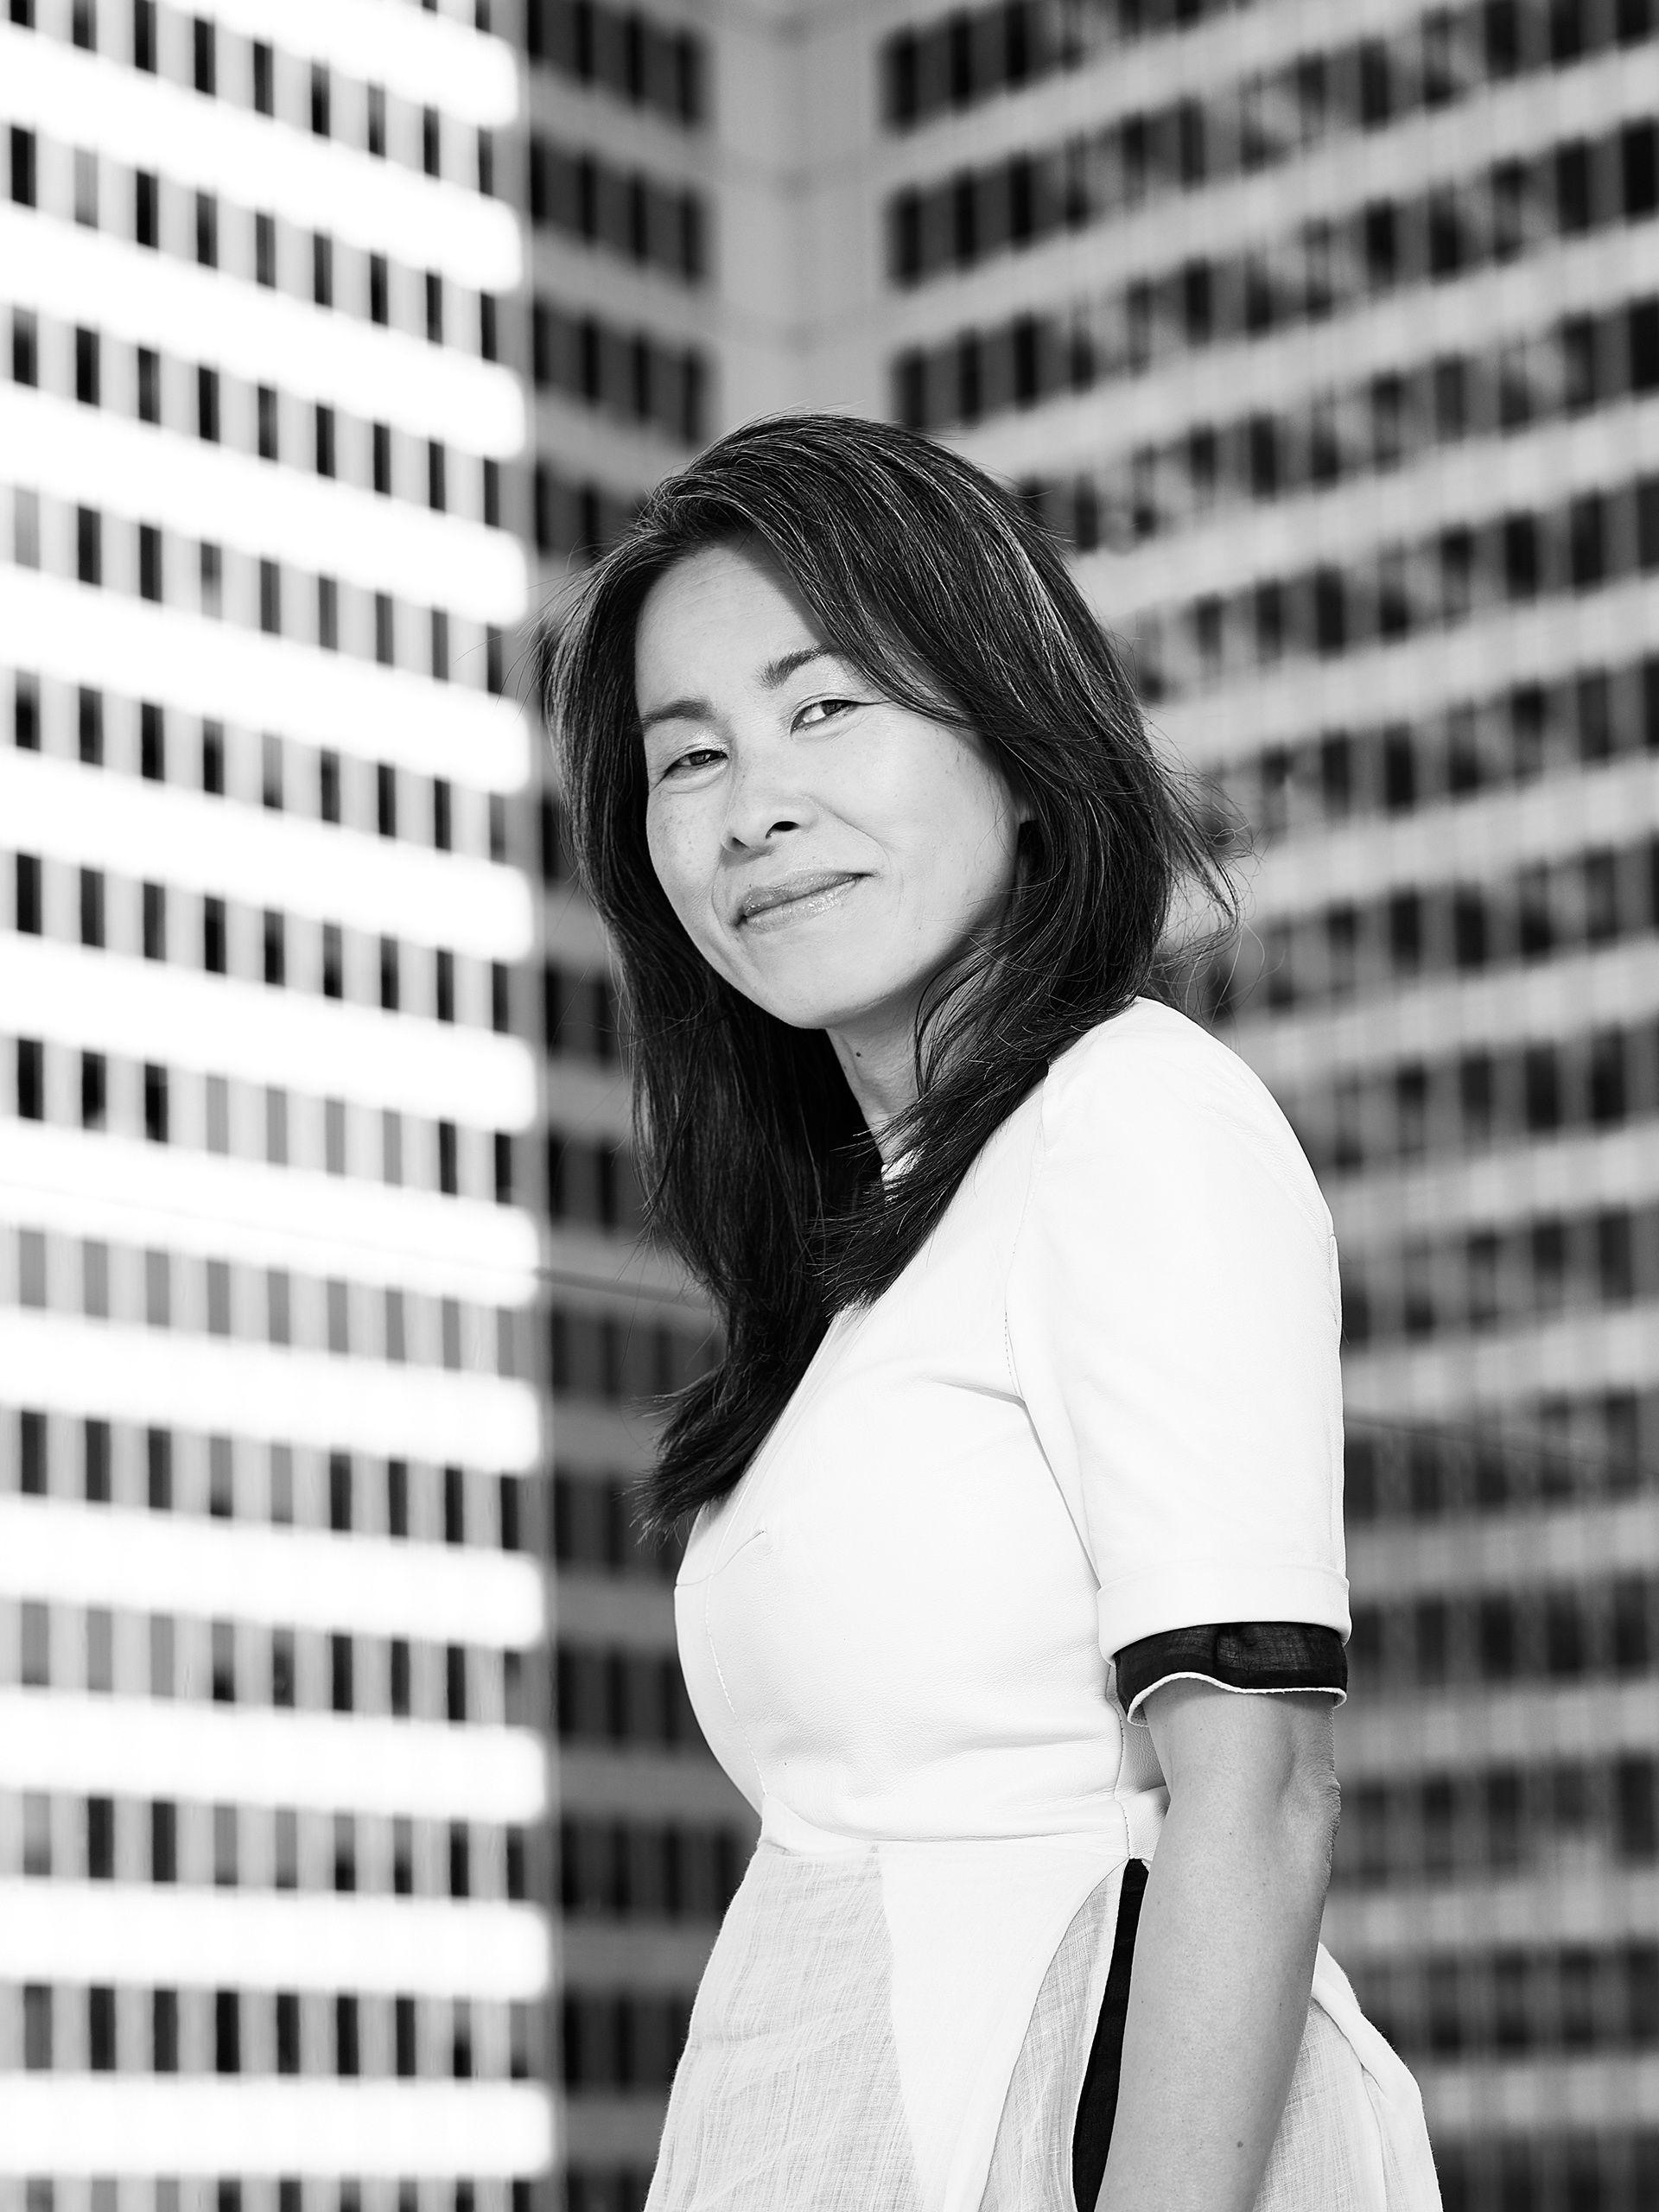 Portrait en noir et blanc de l'auteur Kim Thuy portant une robe blanche devant des bâtiments du centre-ville.